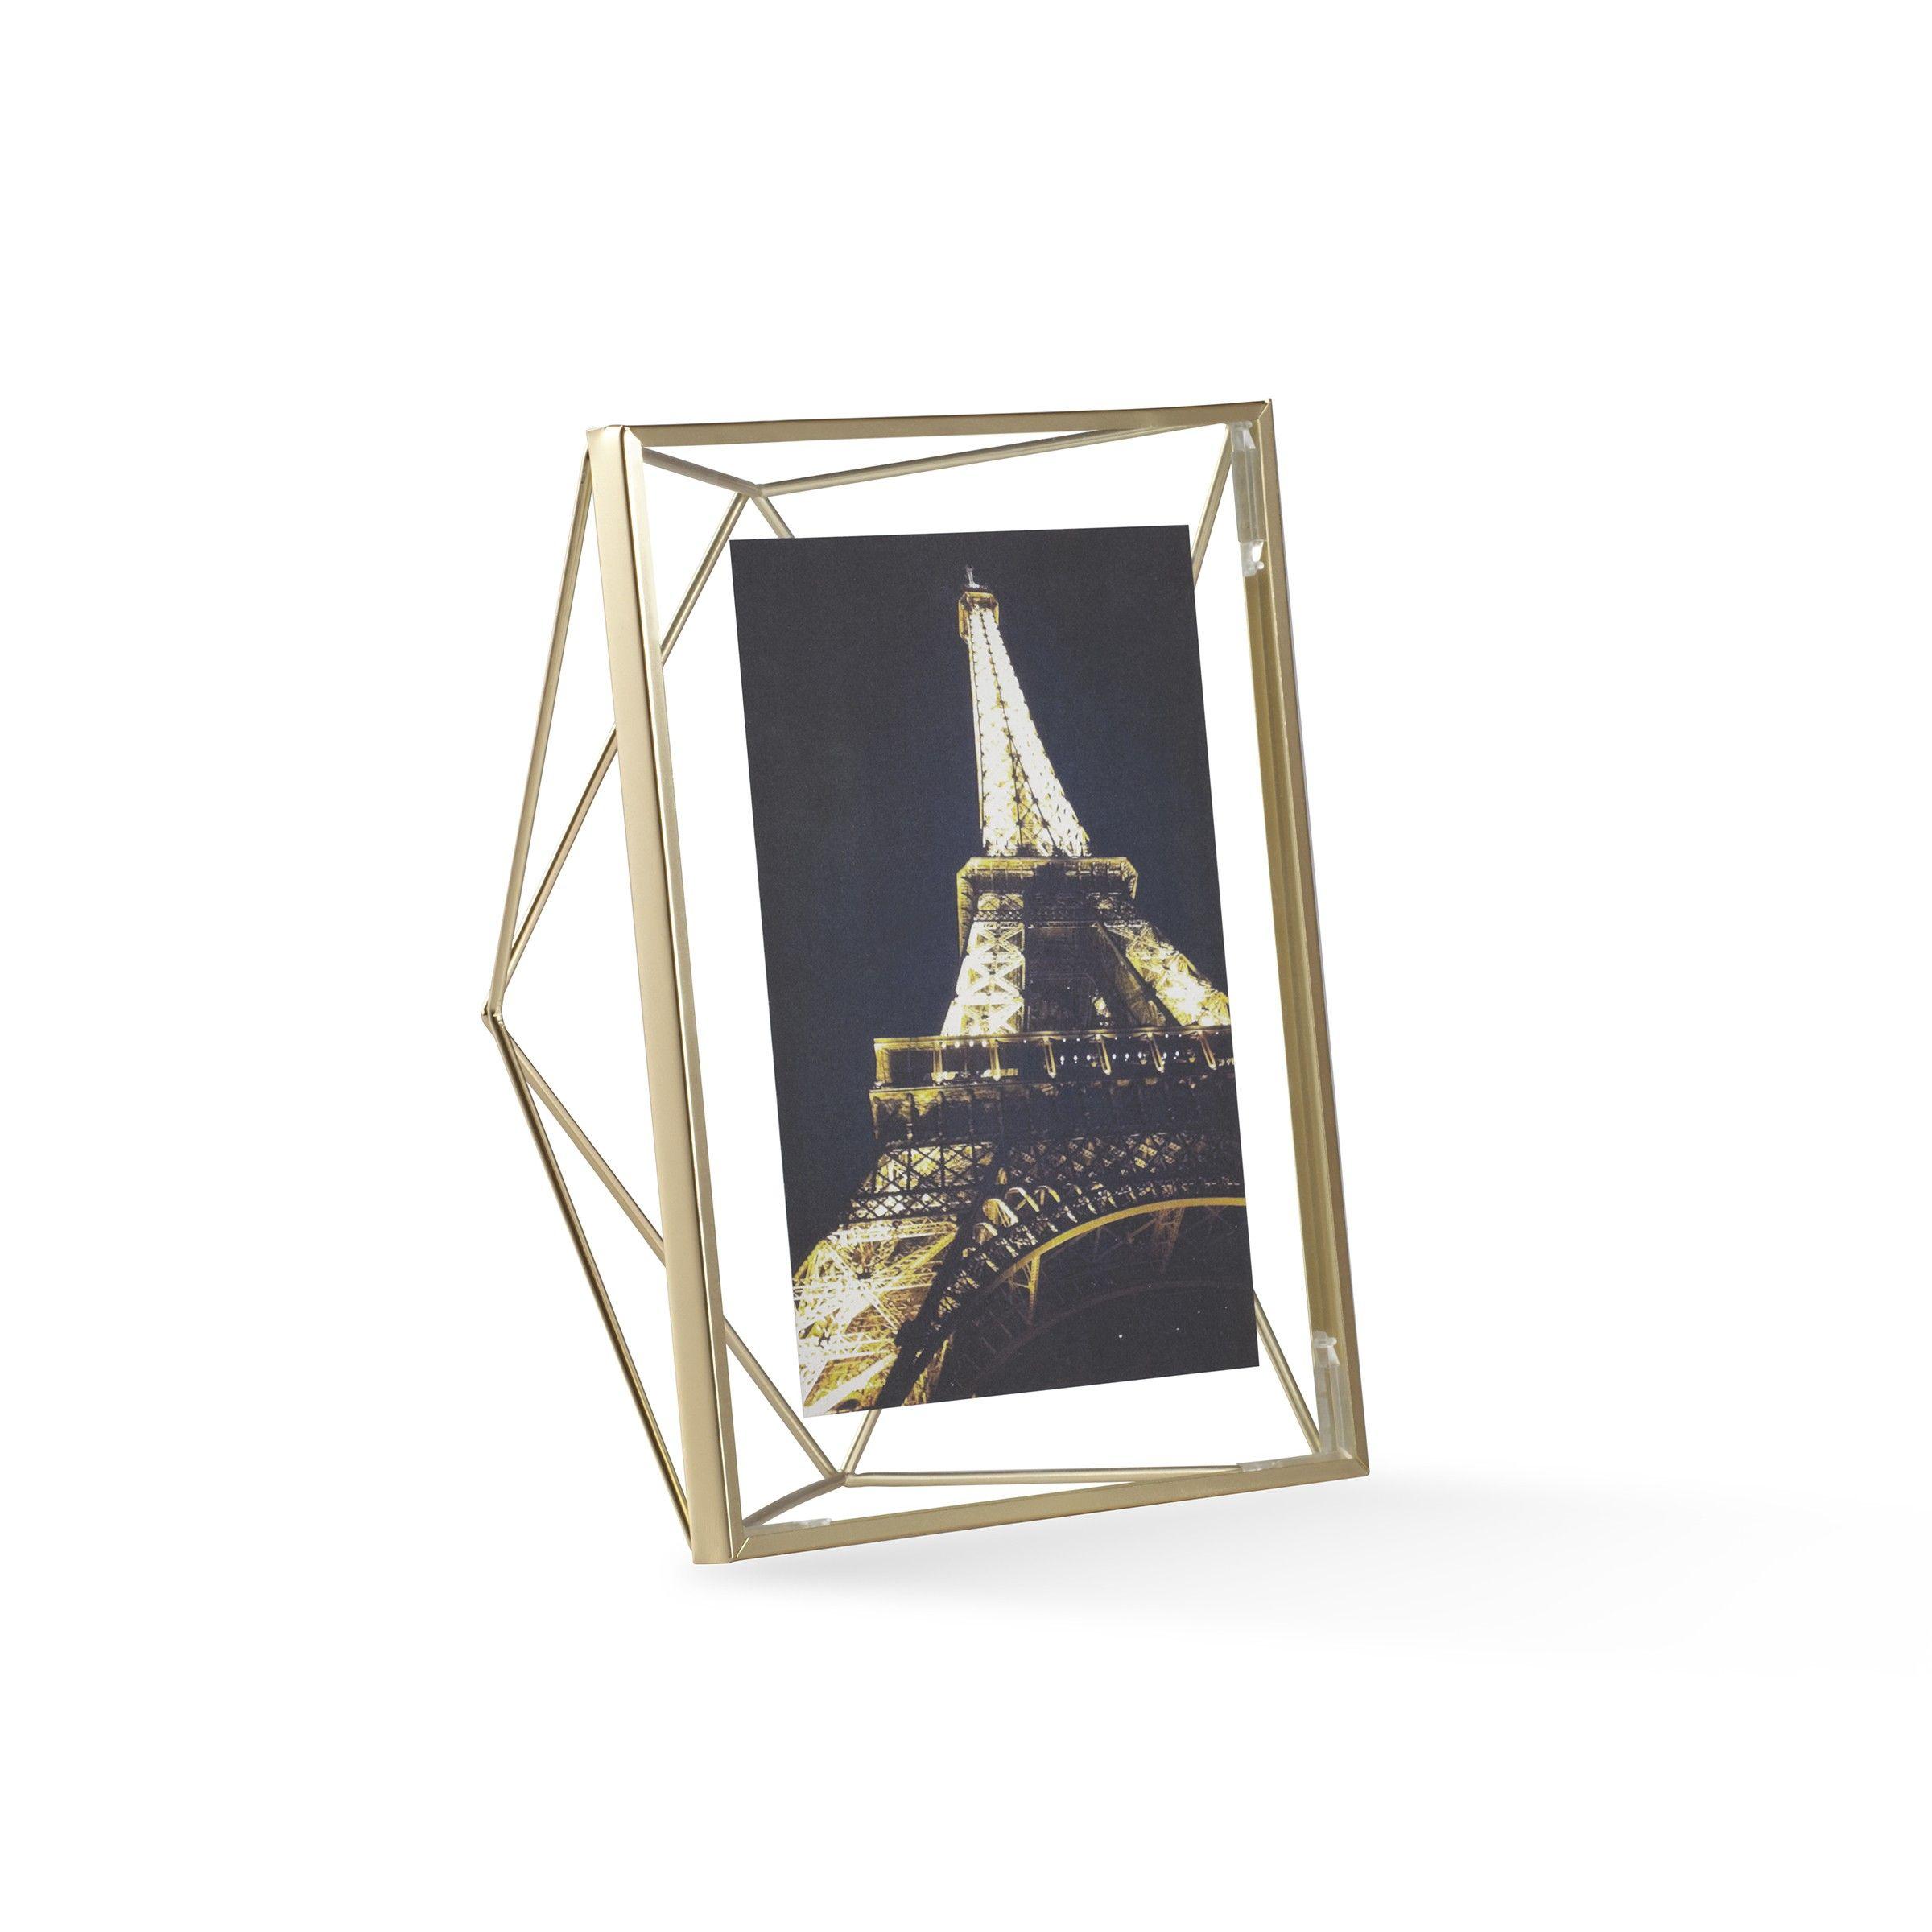 PRISMA FRAME 5 X 7 MATTE BRASS | Home Sweet Home | Pinterest | Desks ...